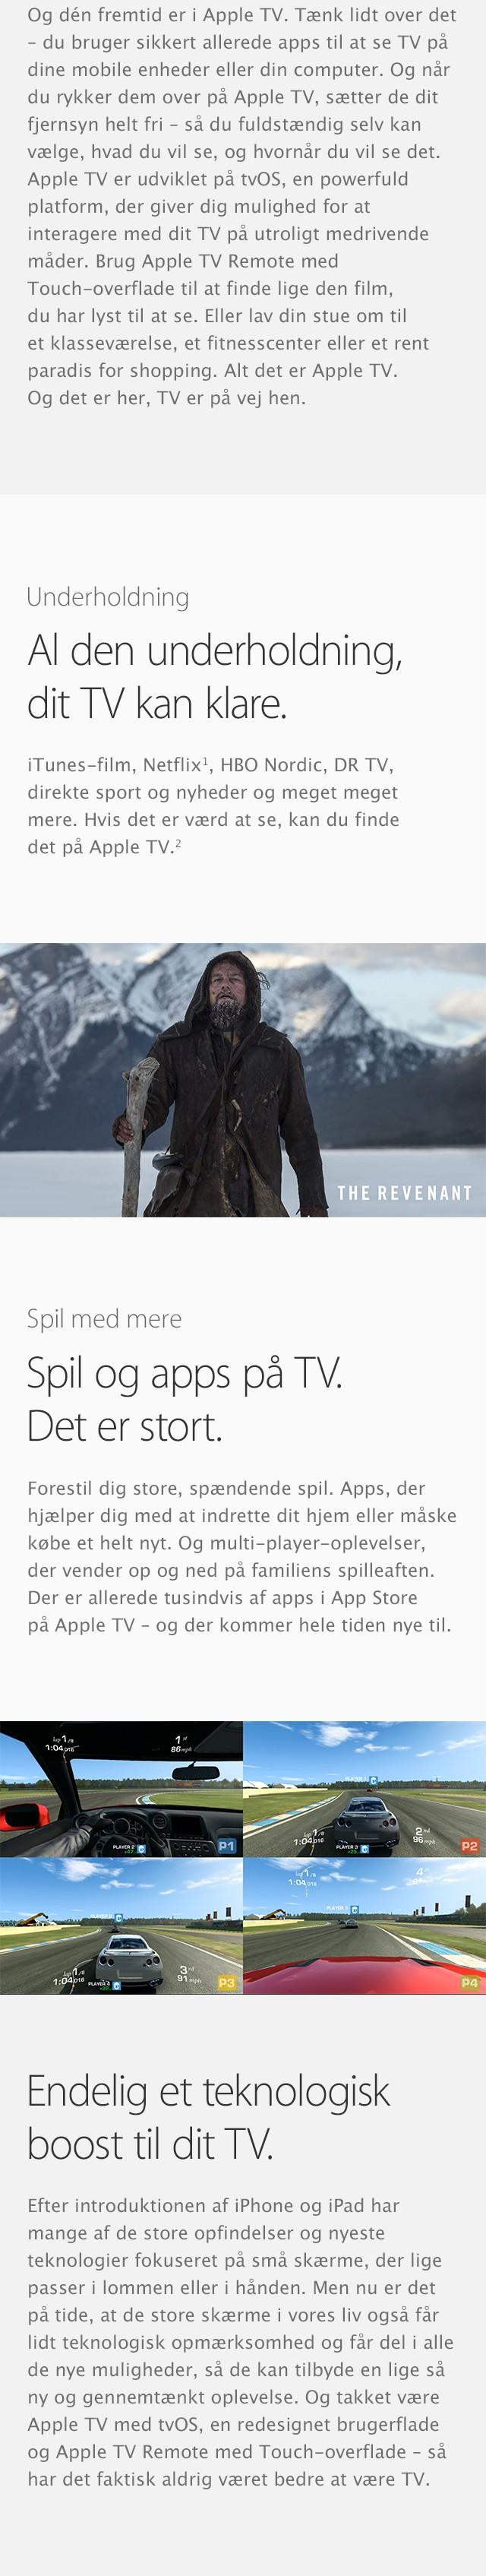 Med Apple TV får du TV, underholdning, spil og masser af apps